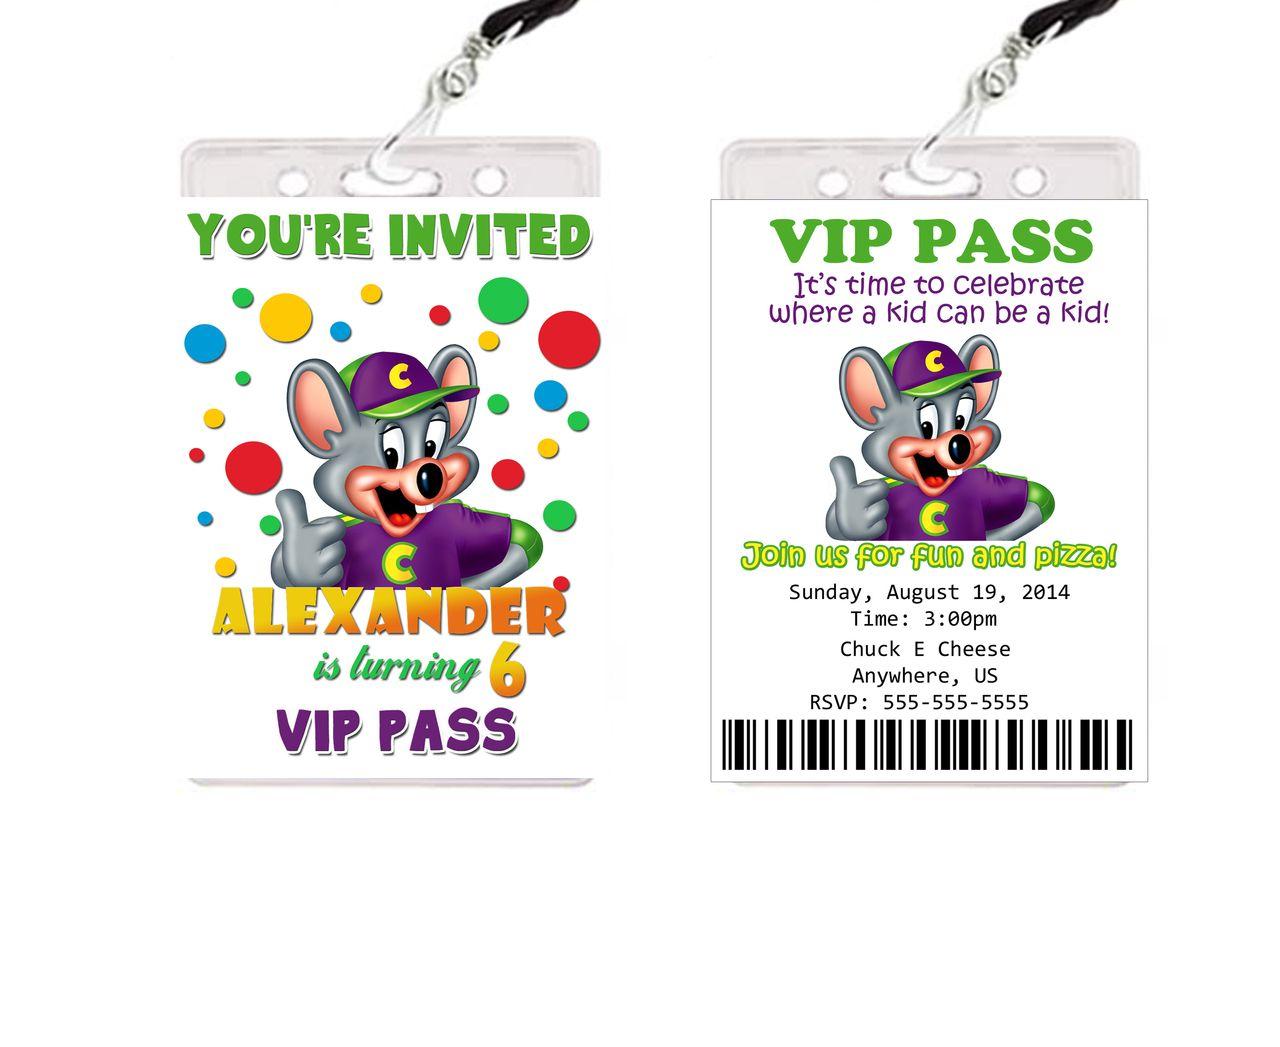 Chuck e cheese birthday vip passes invitations party favors vip chuck e cheese birthday vip passes invitations party favors partyexpressinvitations filmwisefo